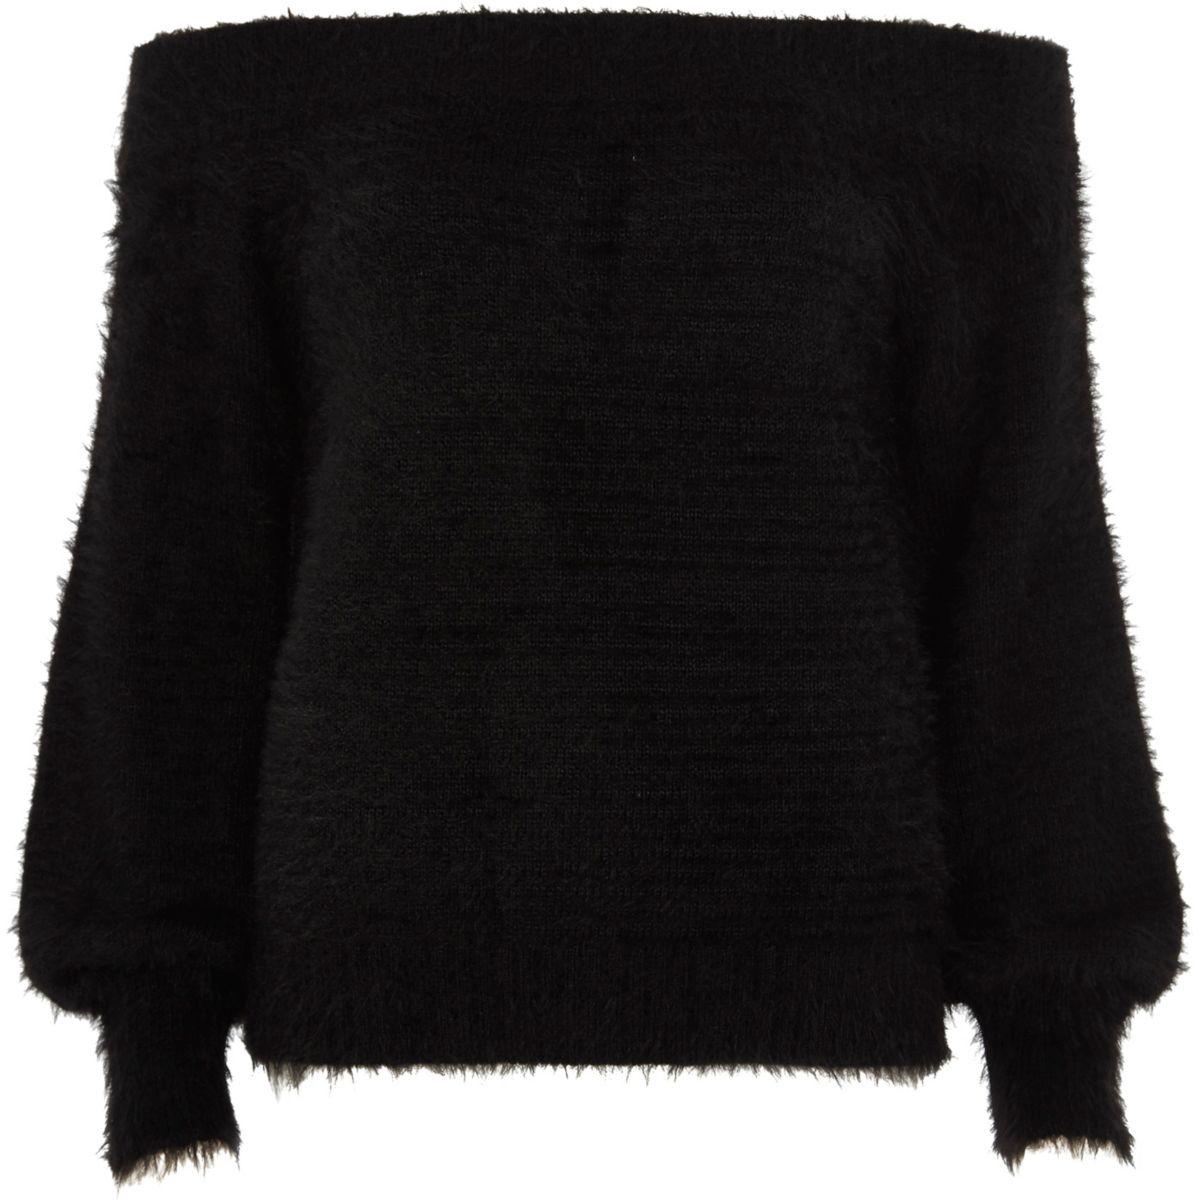 Zwarte pluizige gebreide pullover met bardothalslijn